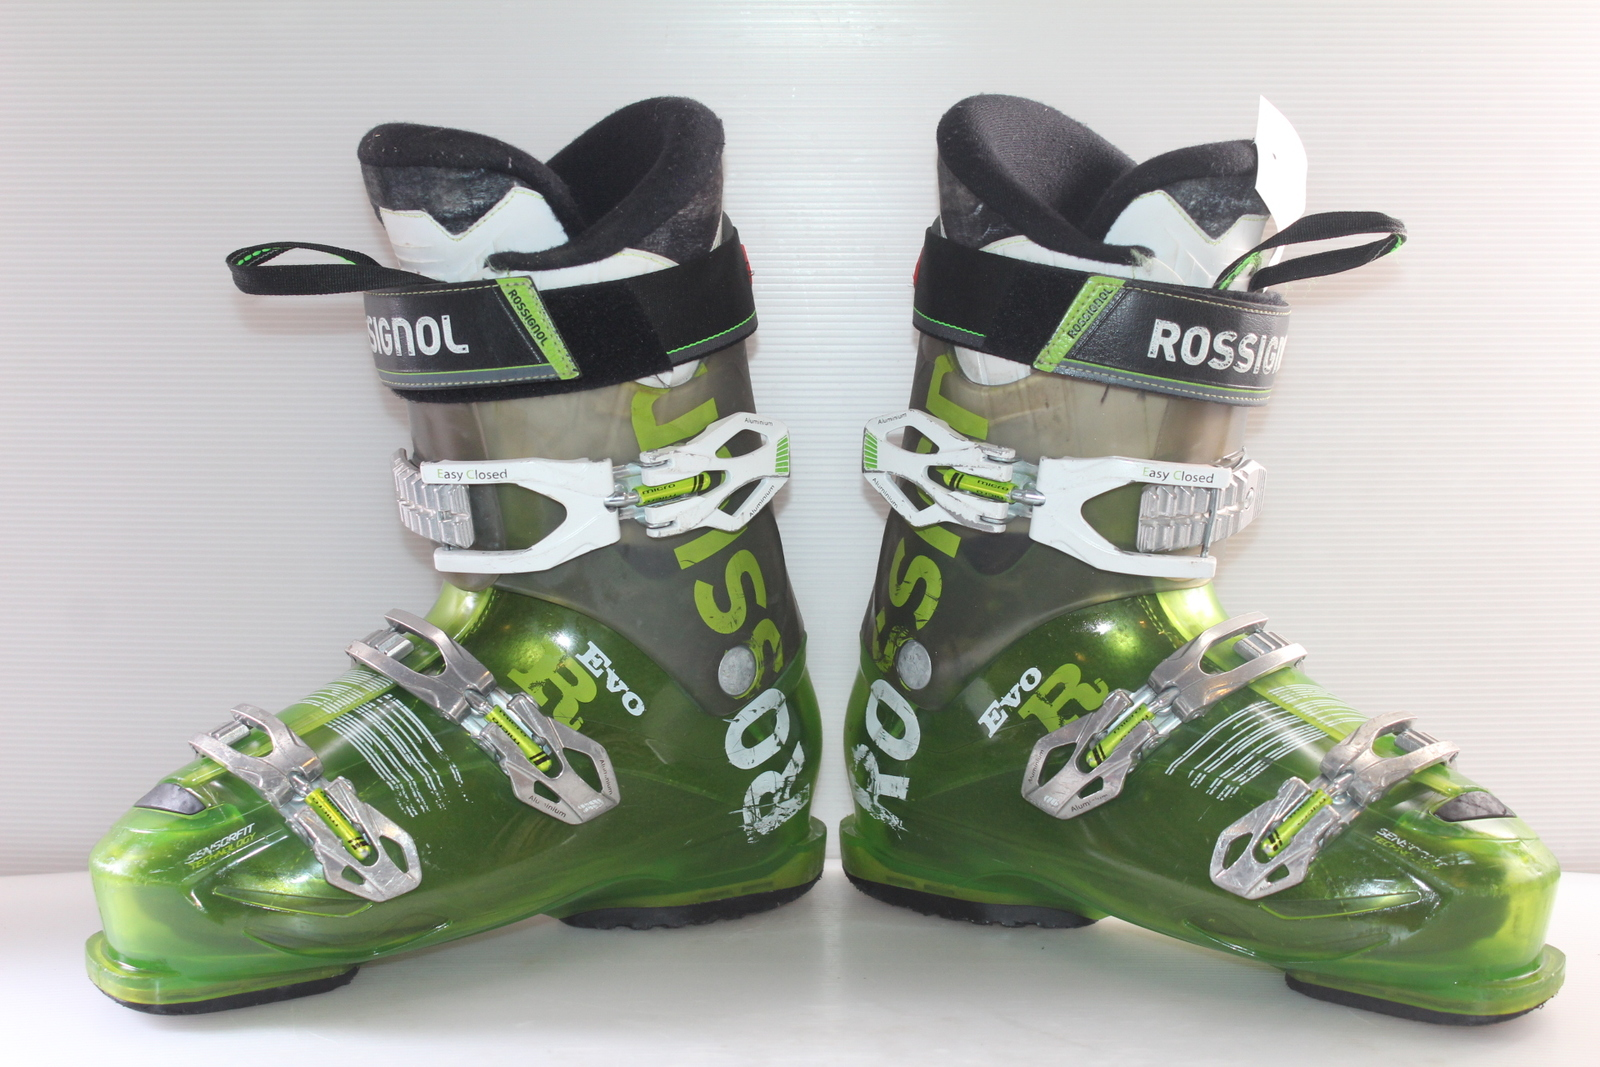 c668f37feda Lyžařské boty Rossignol Evo R vel. EU42